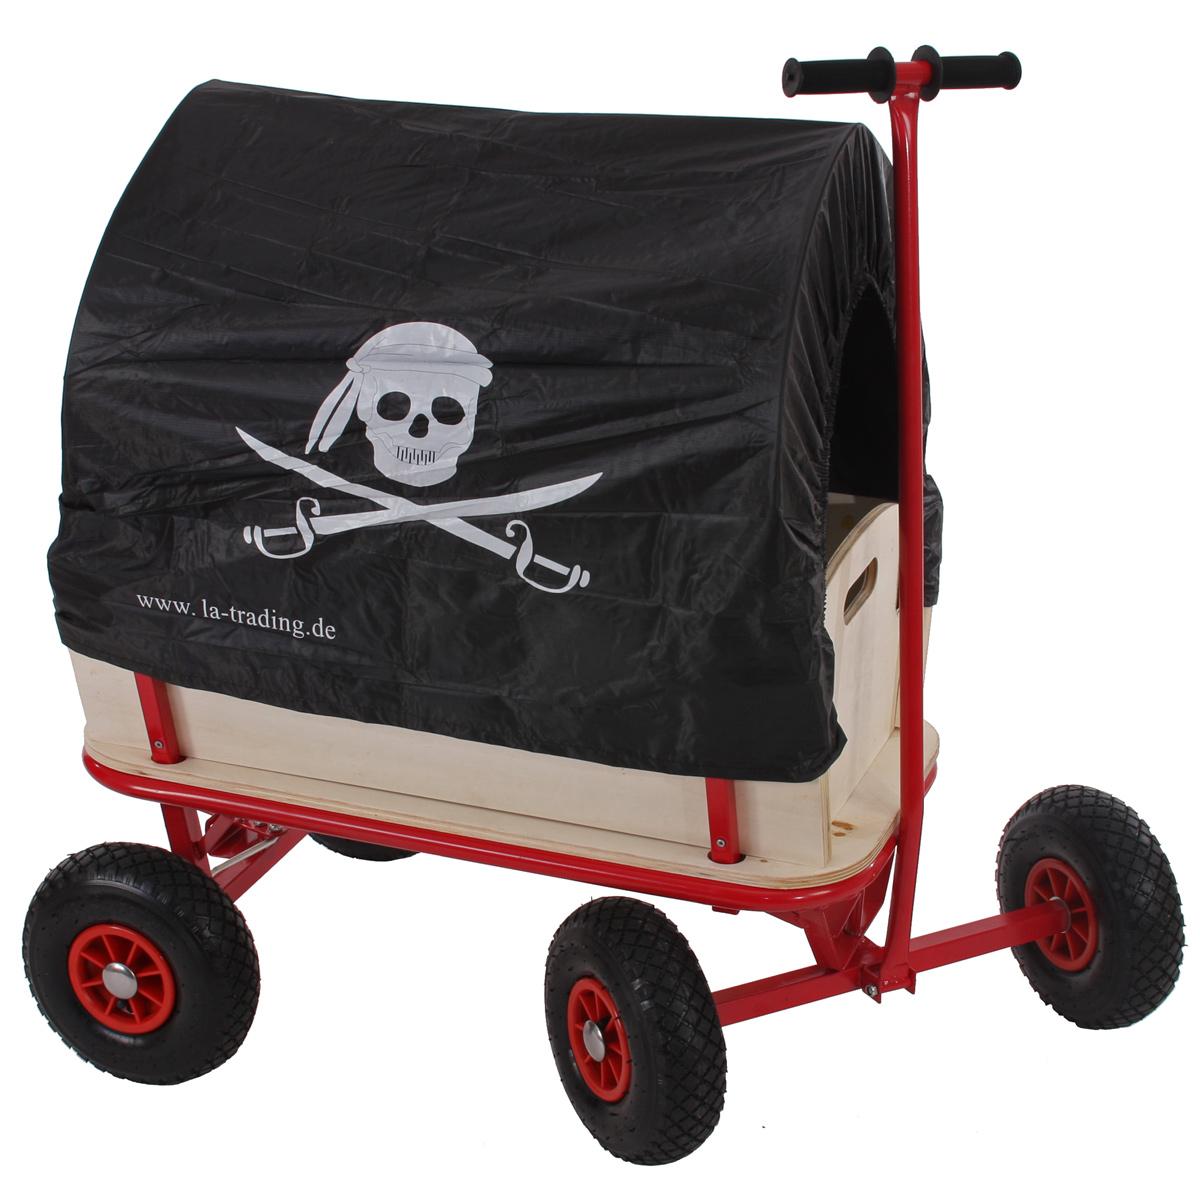 bollerwagen handwagen leiterwagen oliveira mit sitz ohne bremse dach pirat schwarz. Black Bedroom Furniture Sets. Home Design Ideas